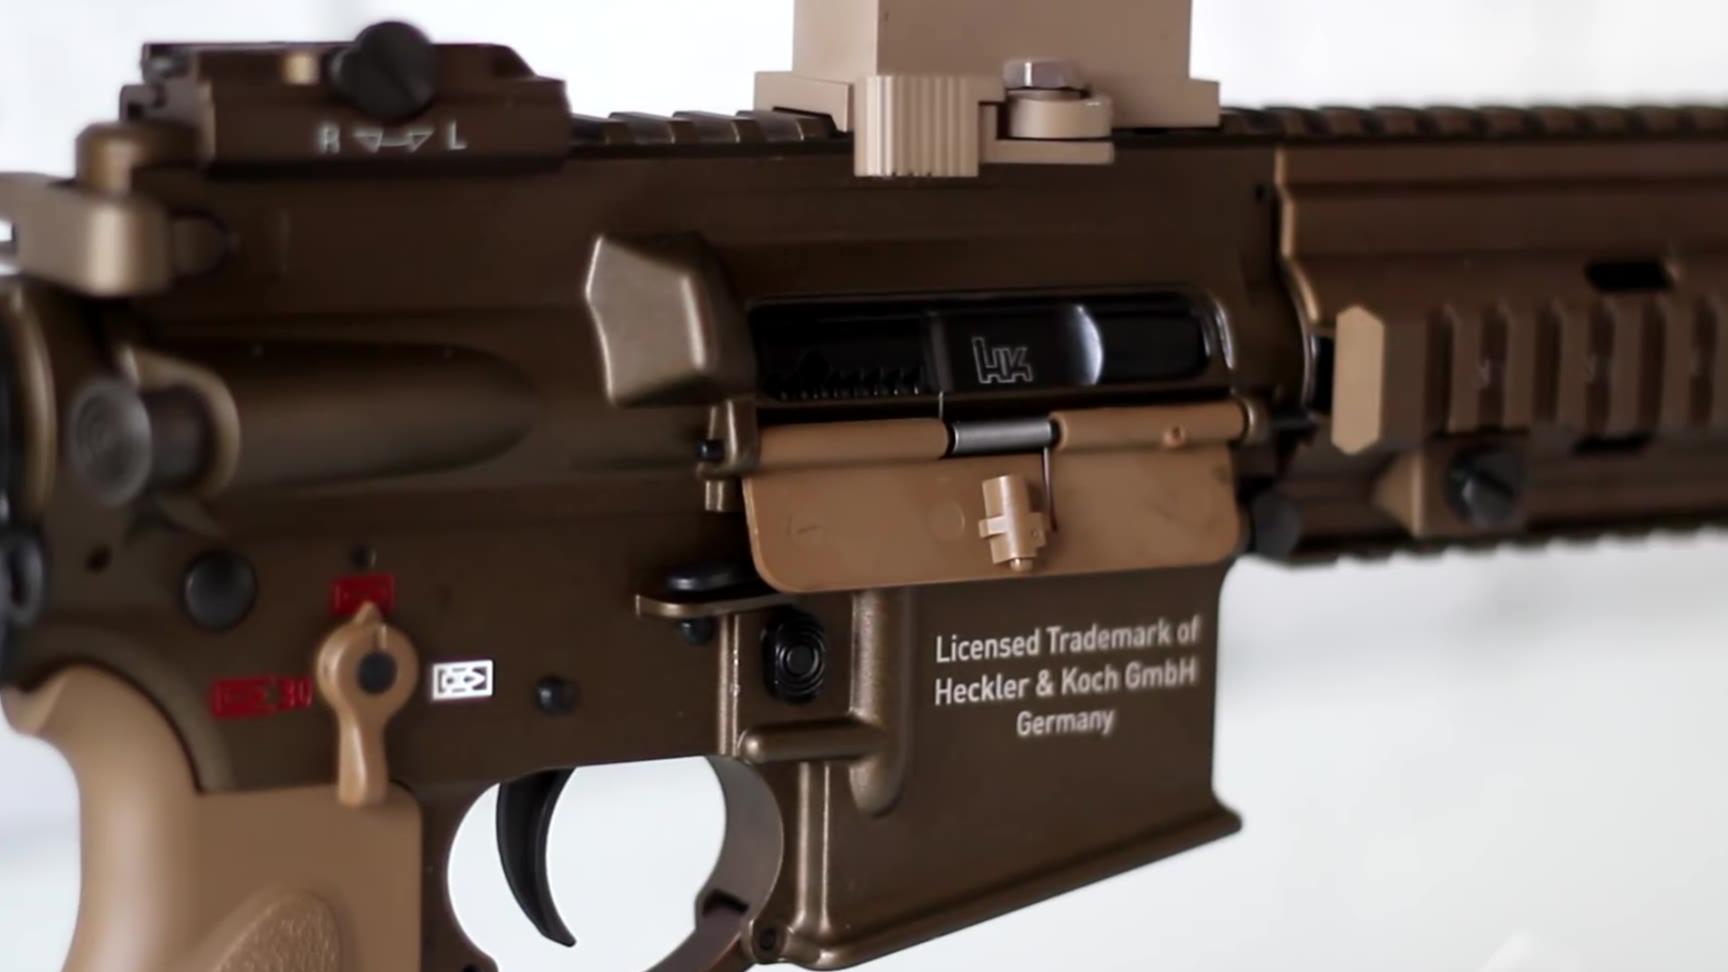 【弱鸡搬运】我酸了:HK官方授权 HK416 A5 Gas Blowback Airsoft